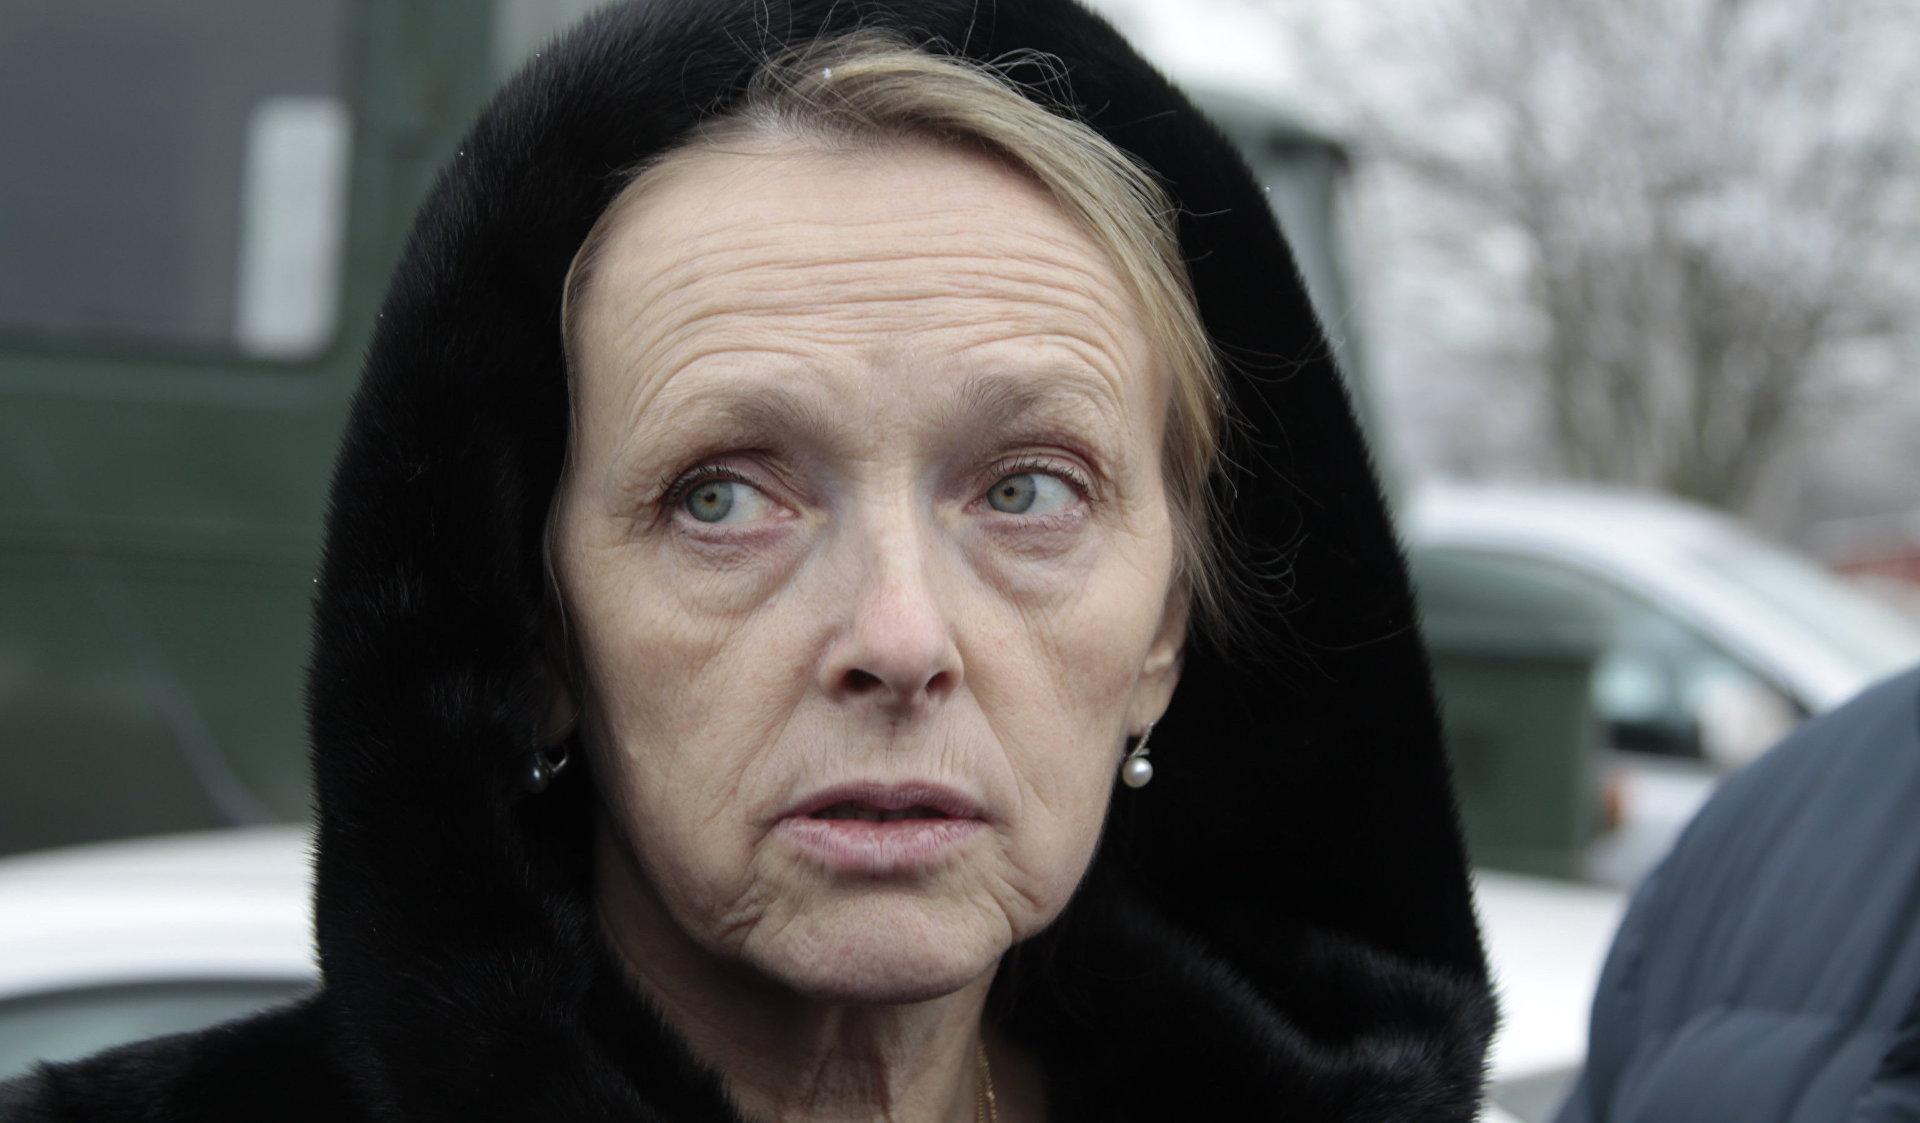 ЛНР в рамках обмена передала Киеву 25 человек, получила 63 – Кобцева